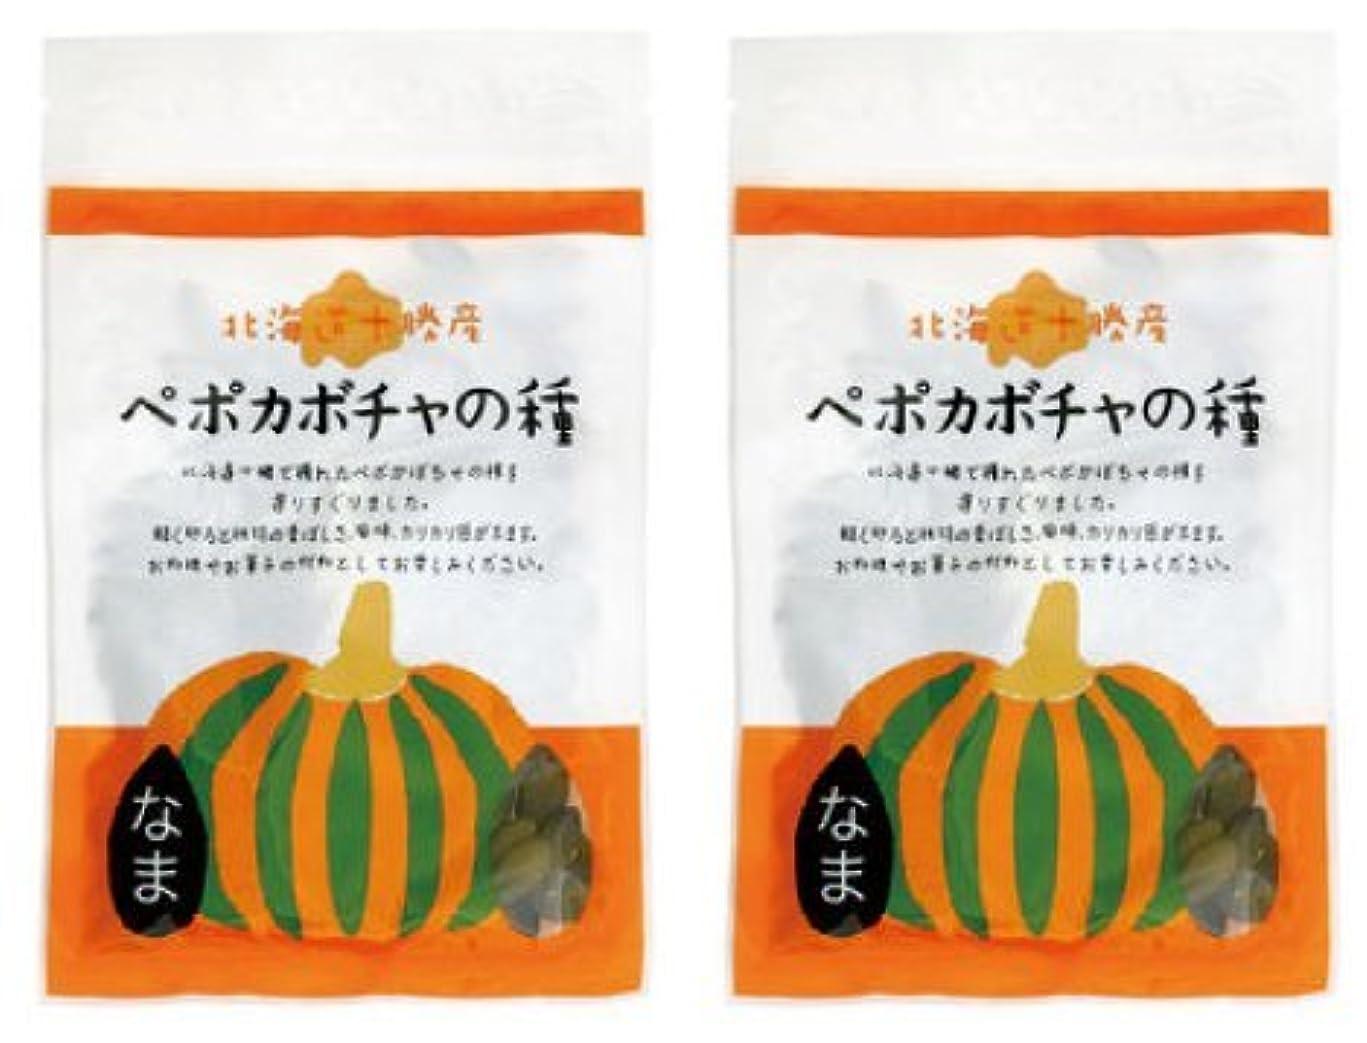 マングルふくろう自明無農薬ペポカボチャの種(なま)60g2個★北海道産無農薬かぼちゃの種使用★非加熱